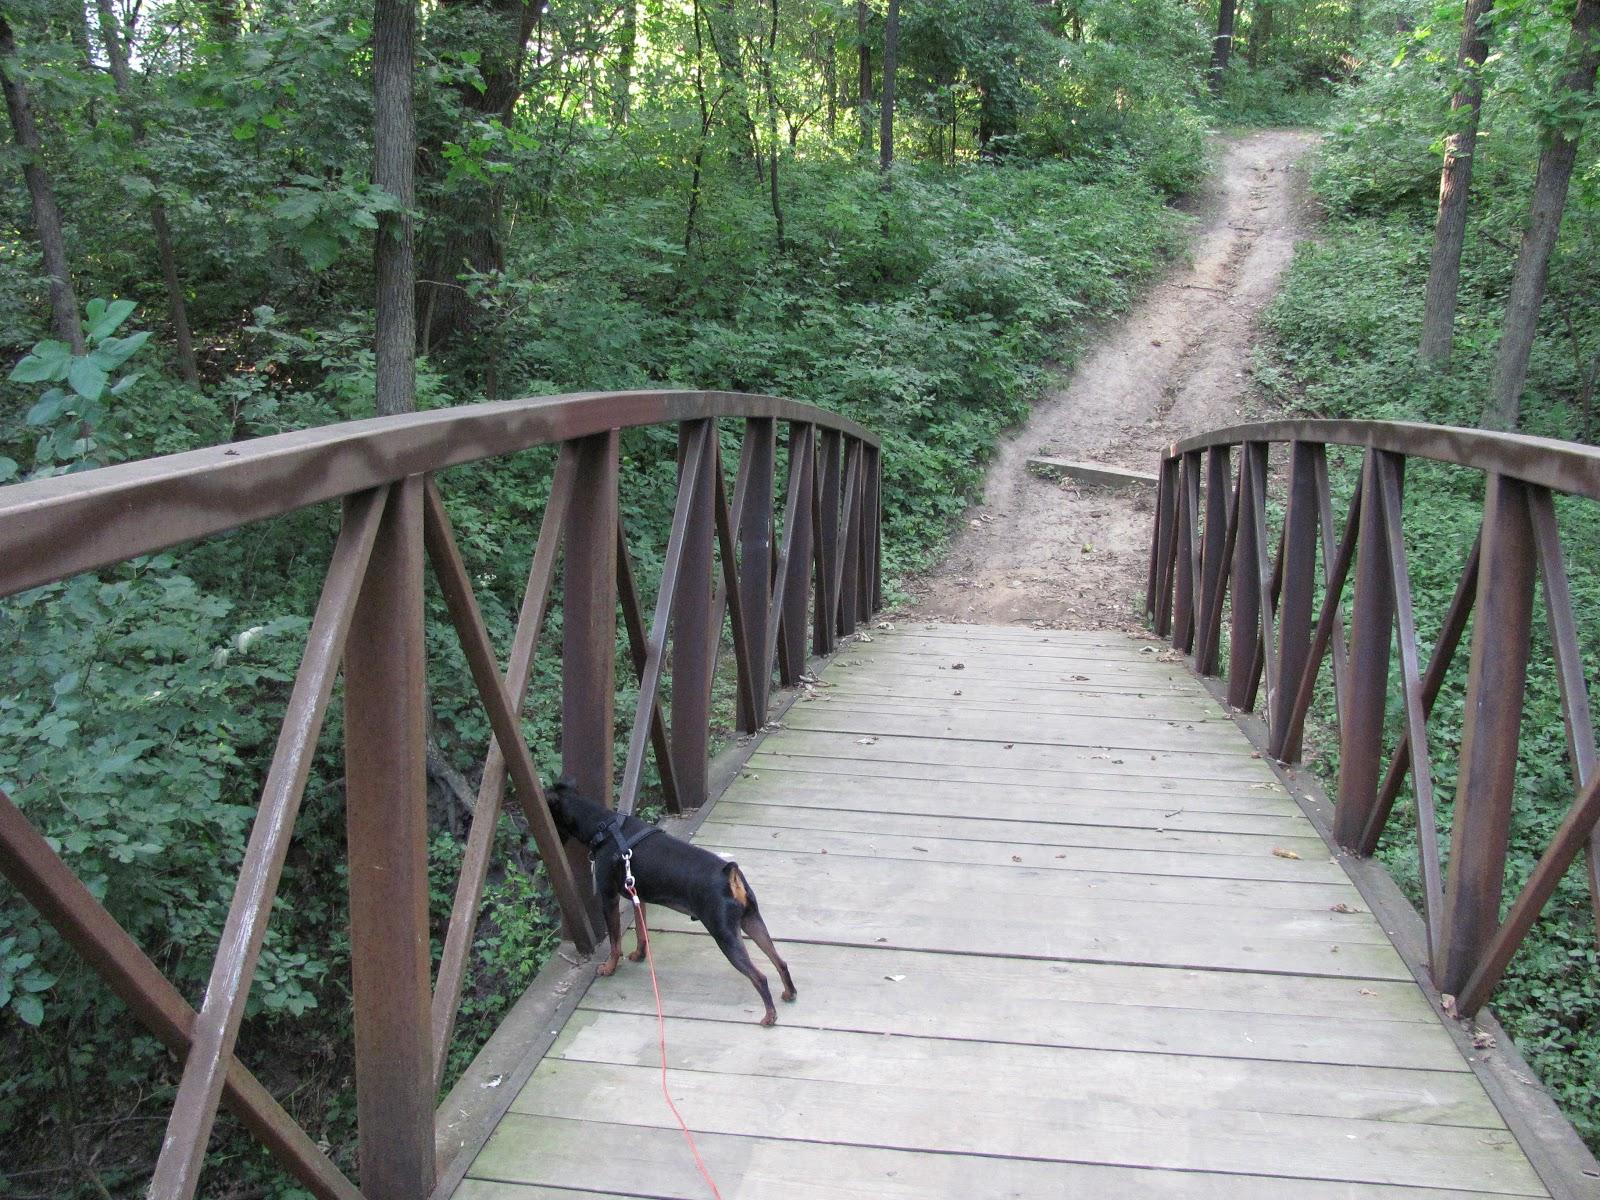 Shuttering For Bridges : Lensing and shuttering buddy on schmoeger park bridge